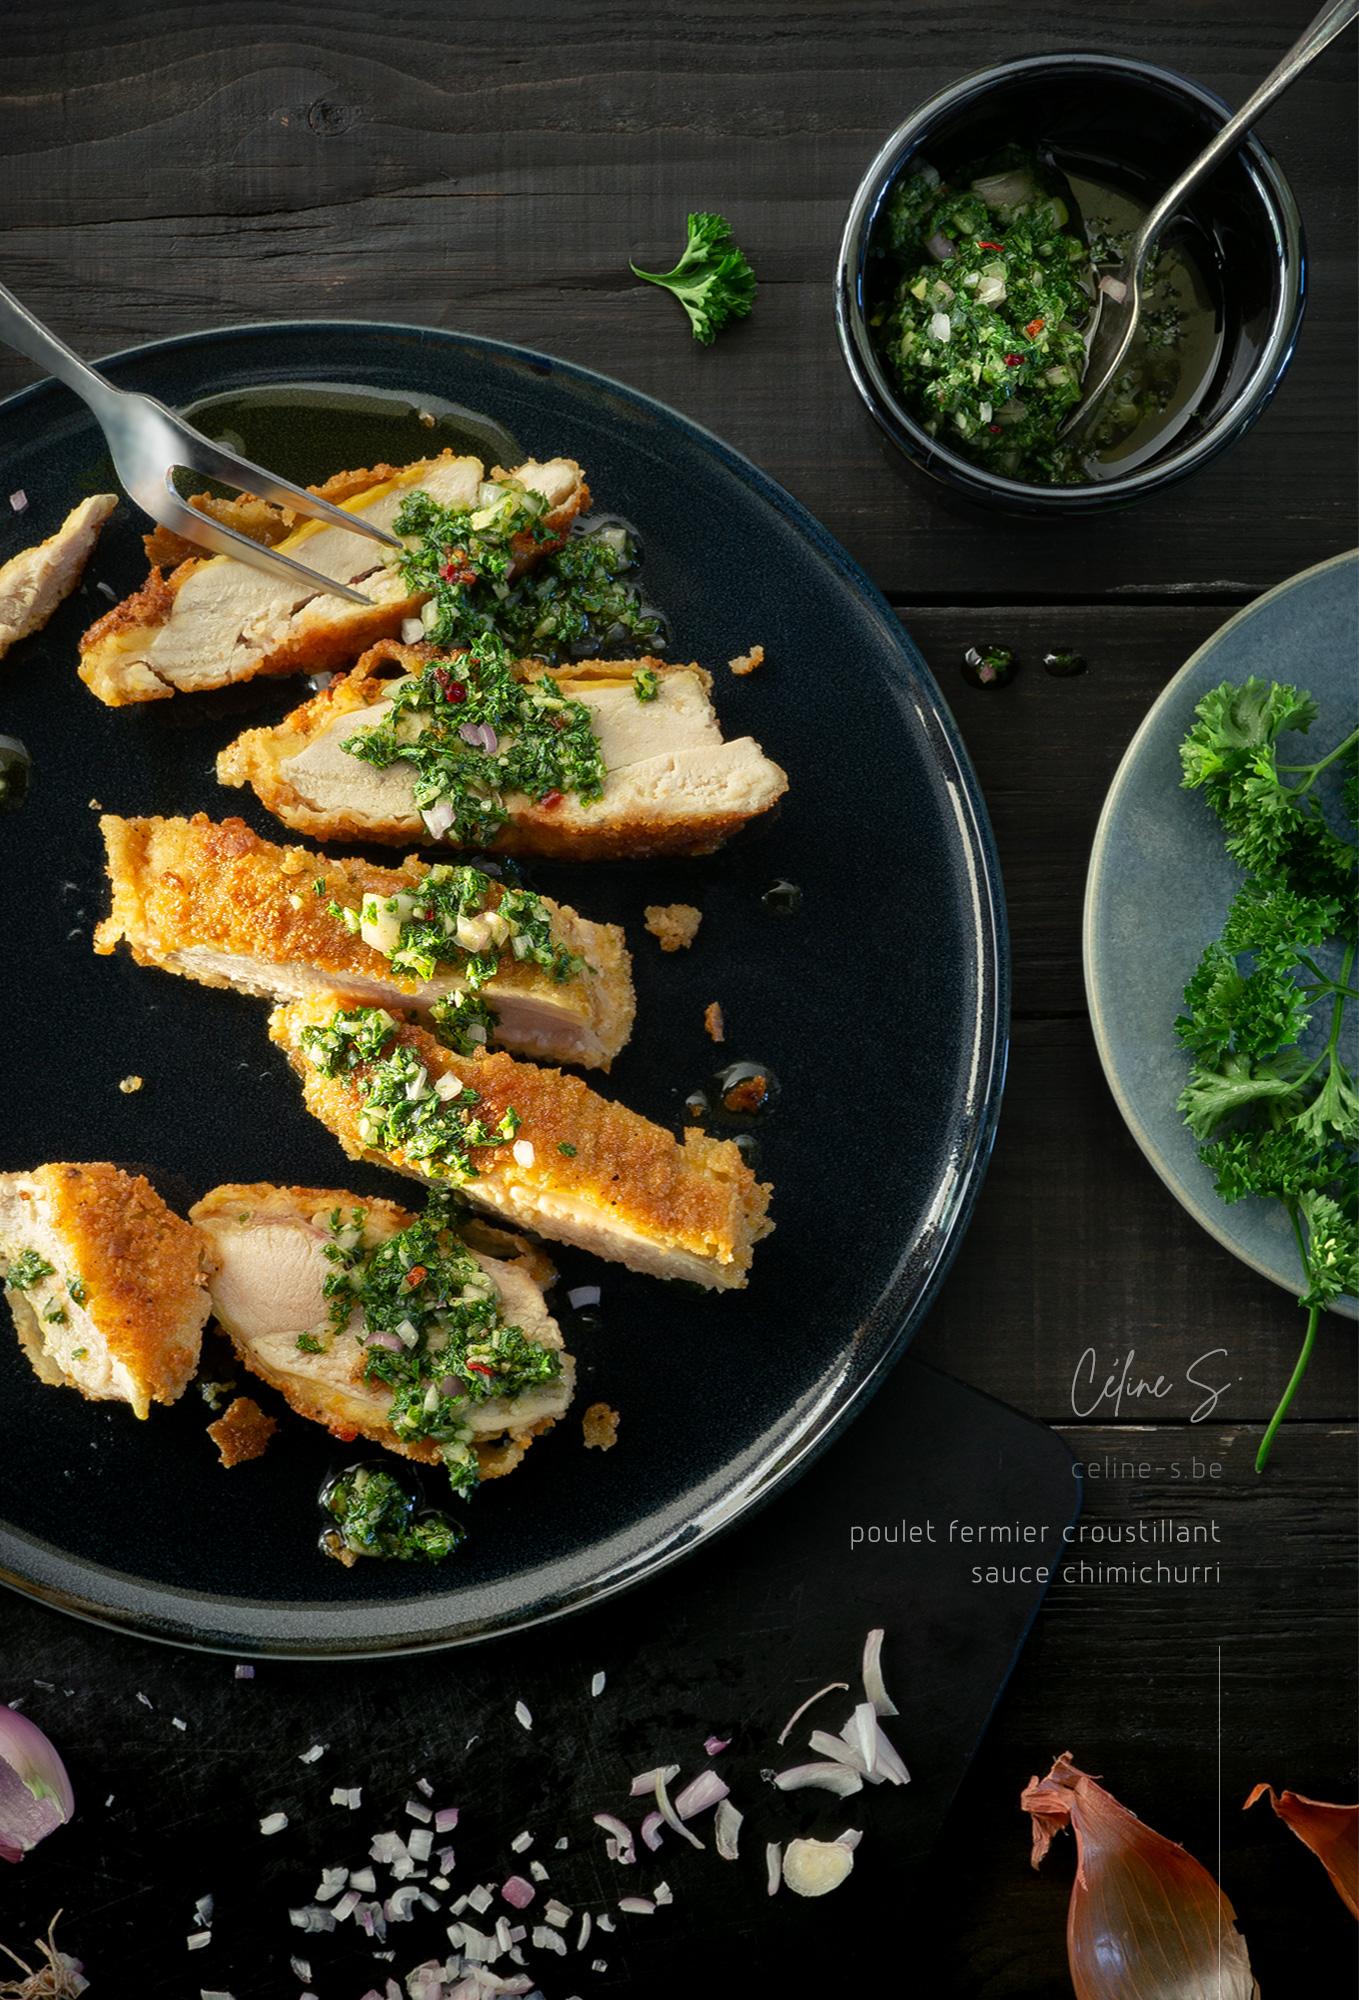 Céline stiévenard - photographe styliste food -Poulet-pane-sauce-chimichurri